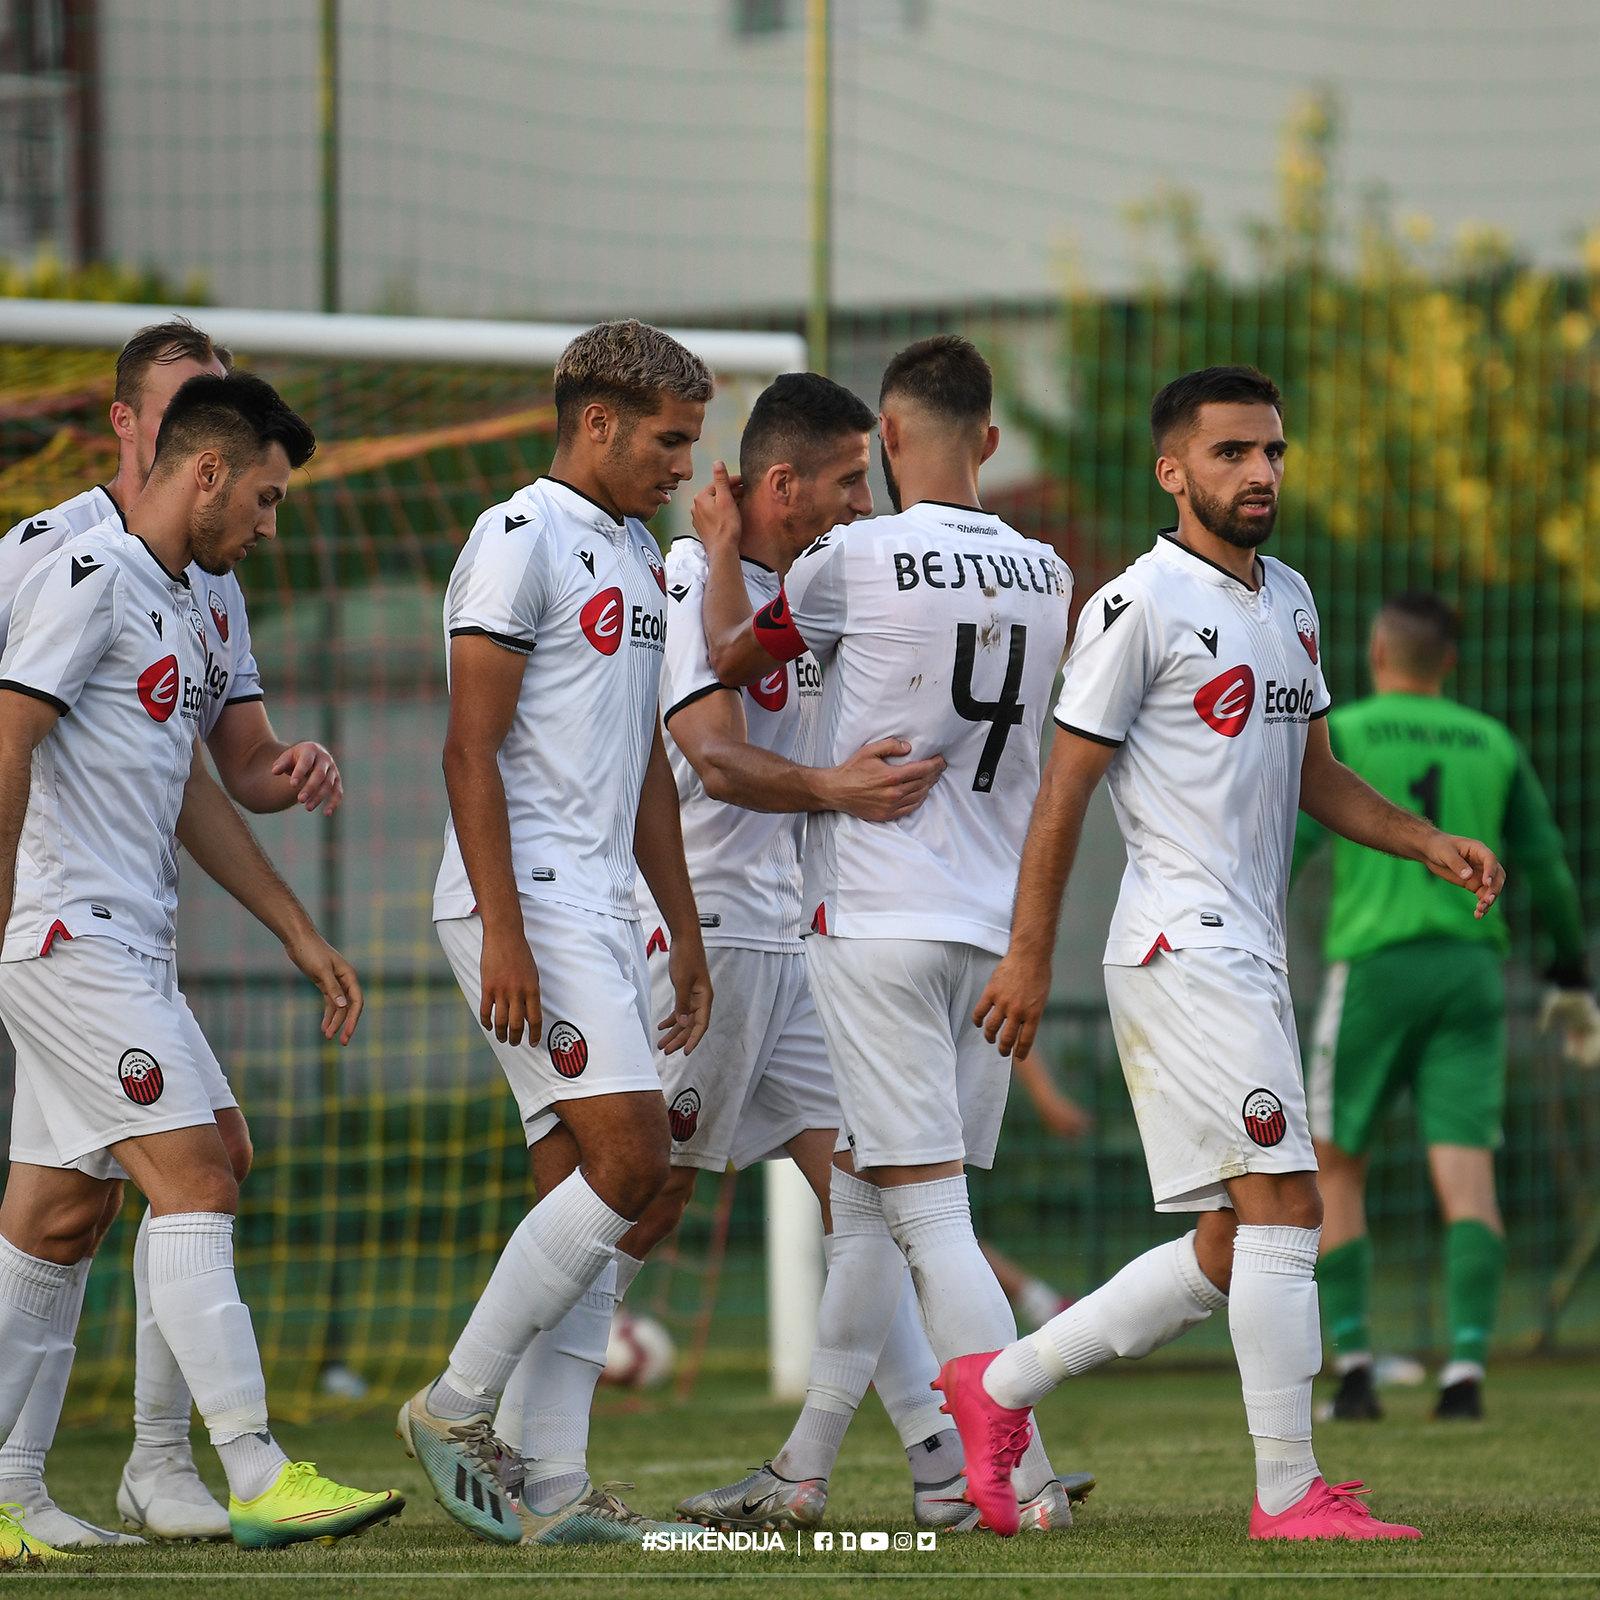 20/21 | Makedonija GP 0 - 1 Shkëndija